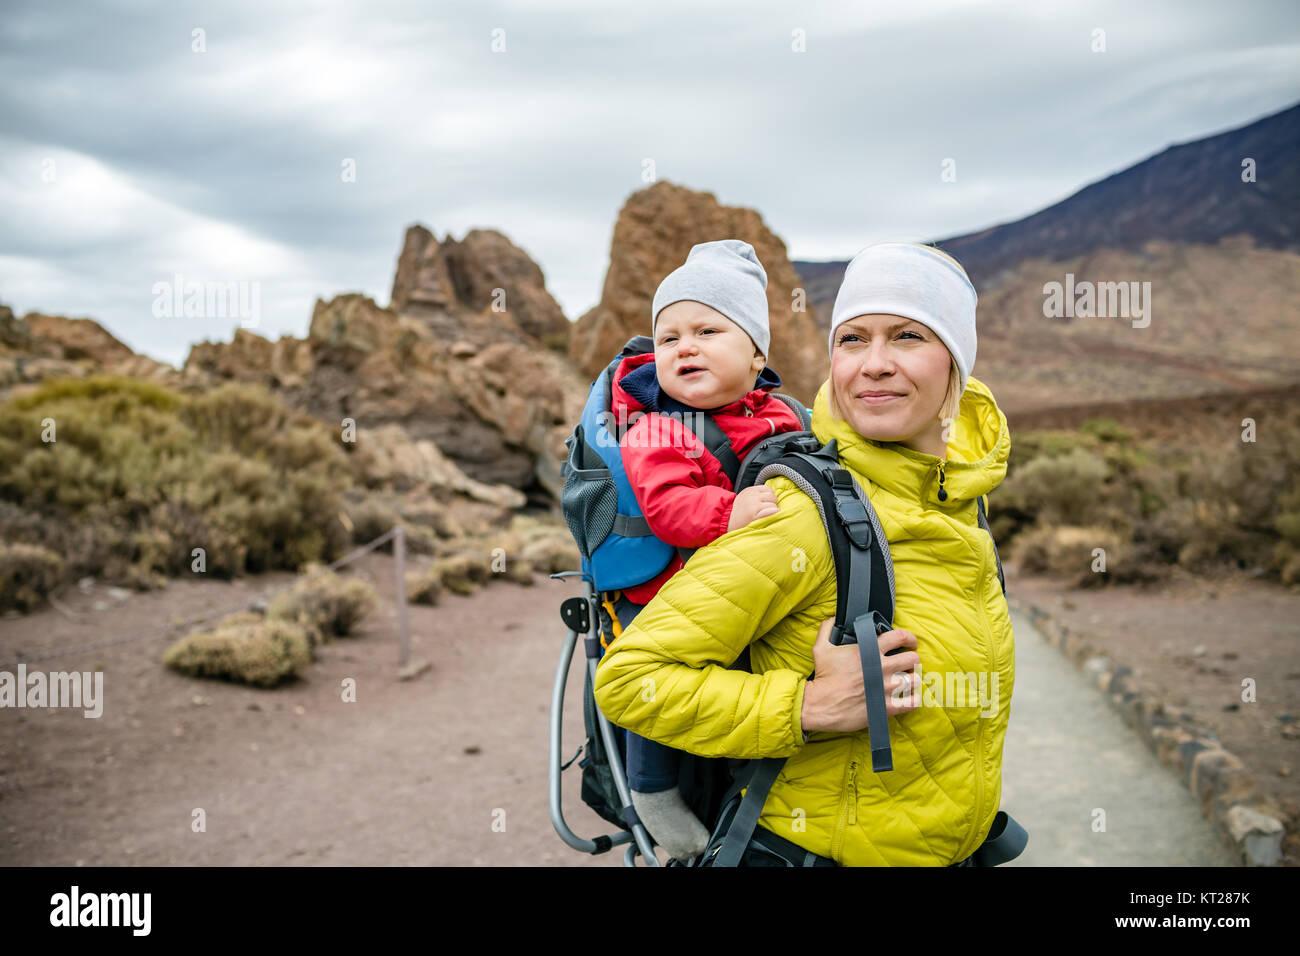 Super mom con baby boy viajando en mochila. Madre de trekking aventura con niños, viaje en familia en las montañas. Imagen De Stock